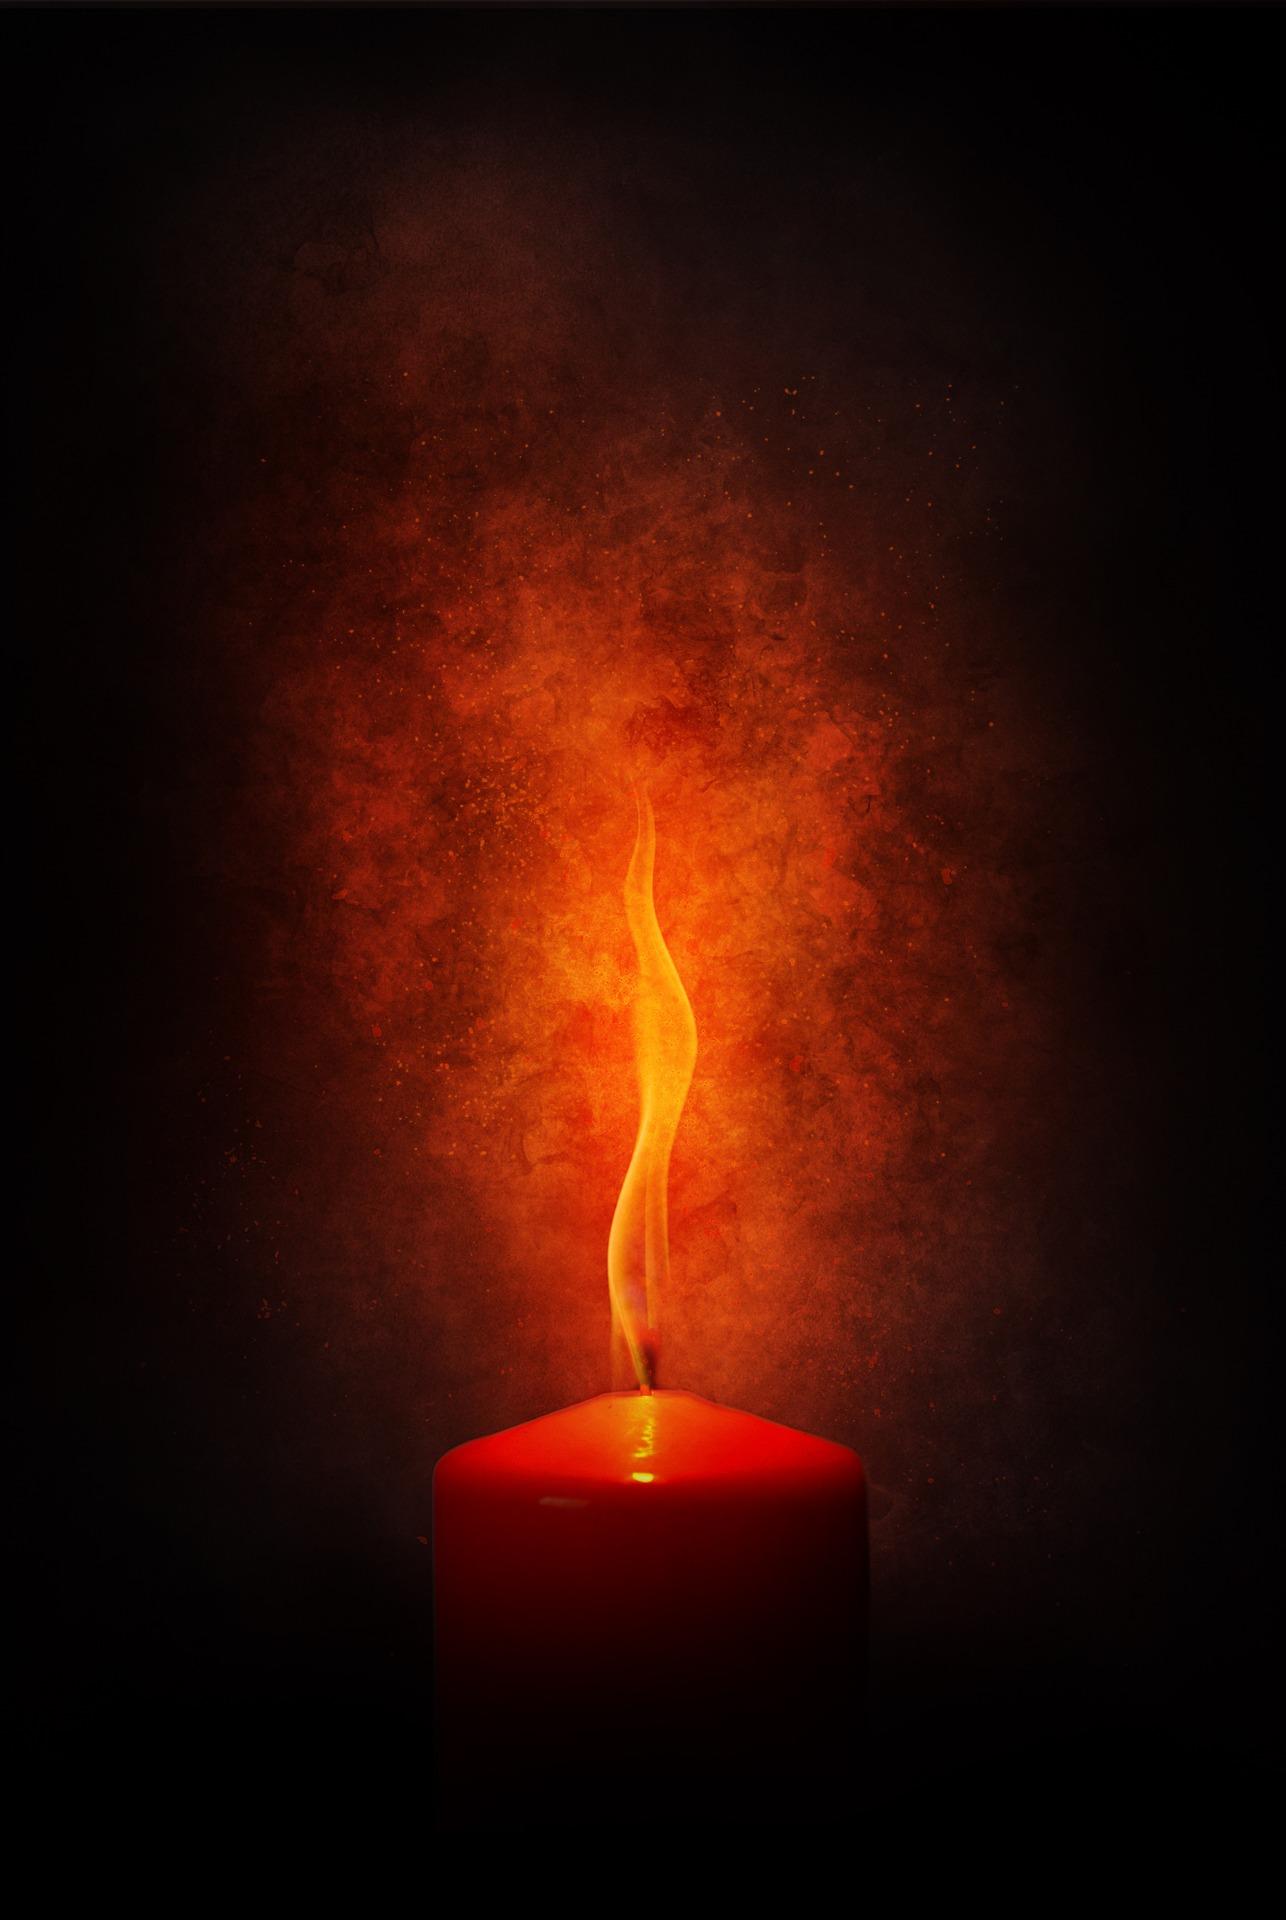 Un rito, un atto magico accelera il nostro destino